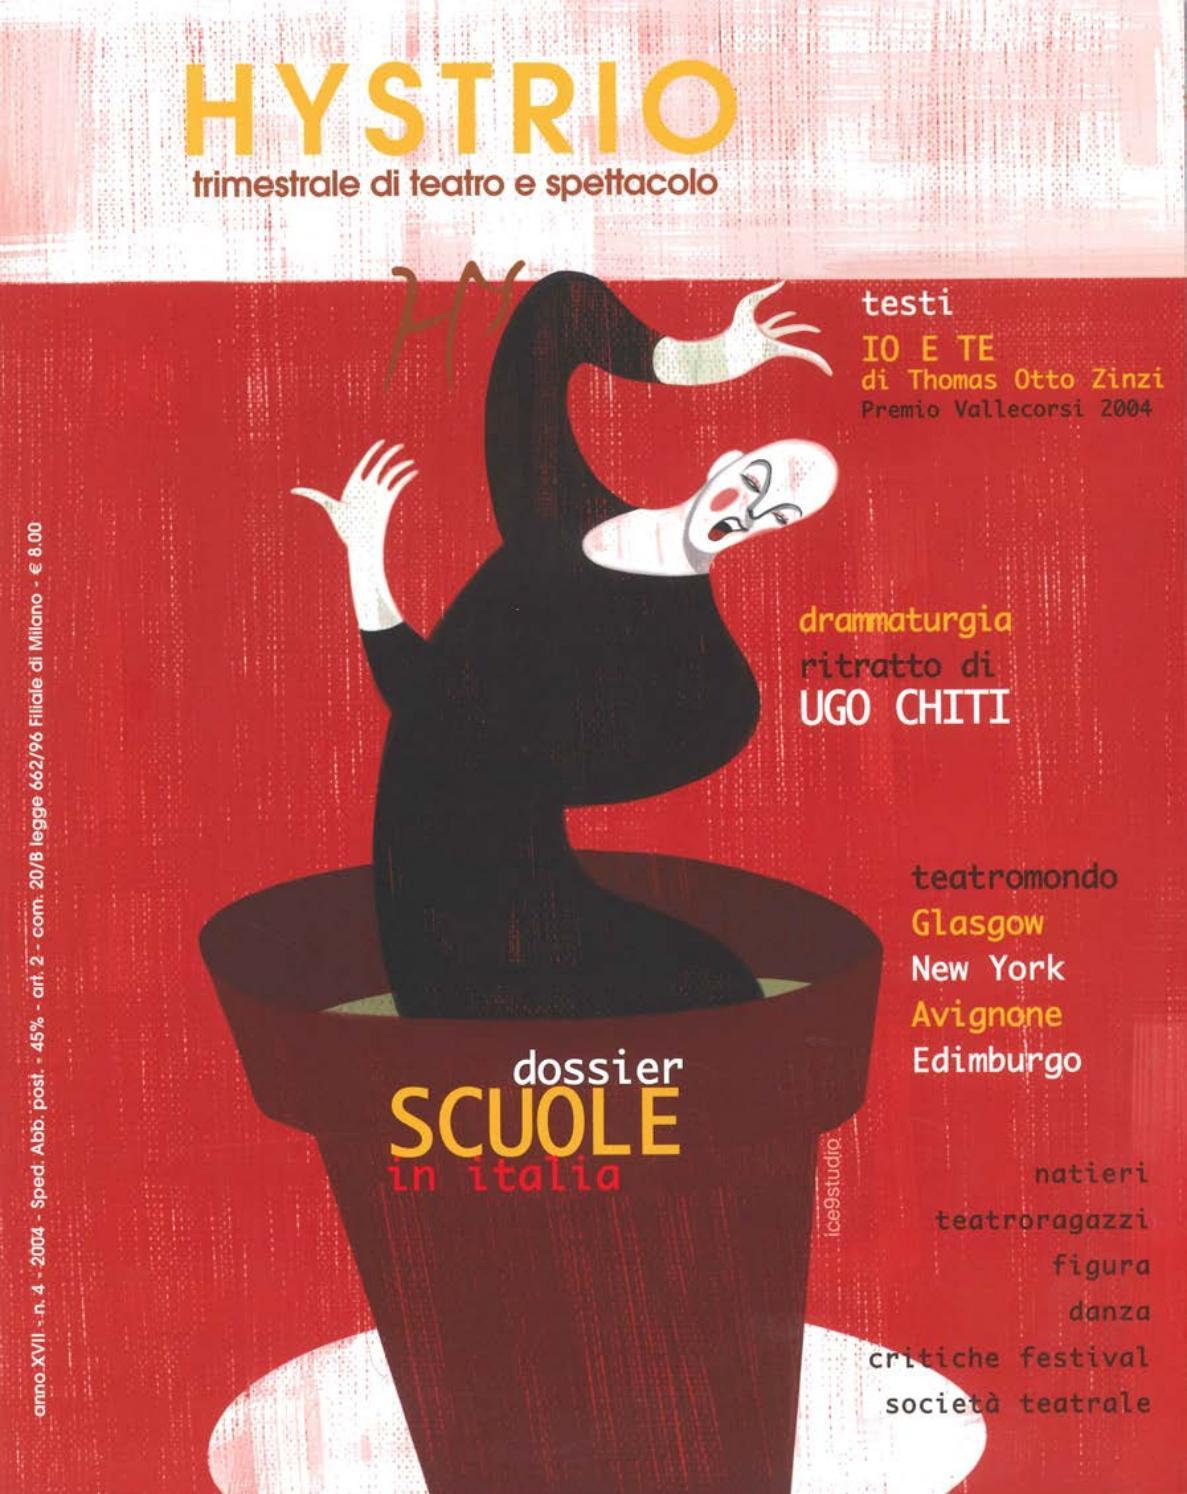 Hystrio 2004 4 ottobre-dicembre by Hystrio - issuu 8285f0fcf54